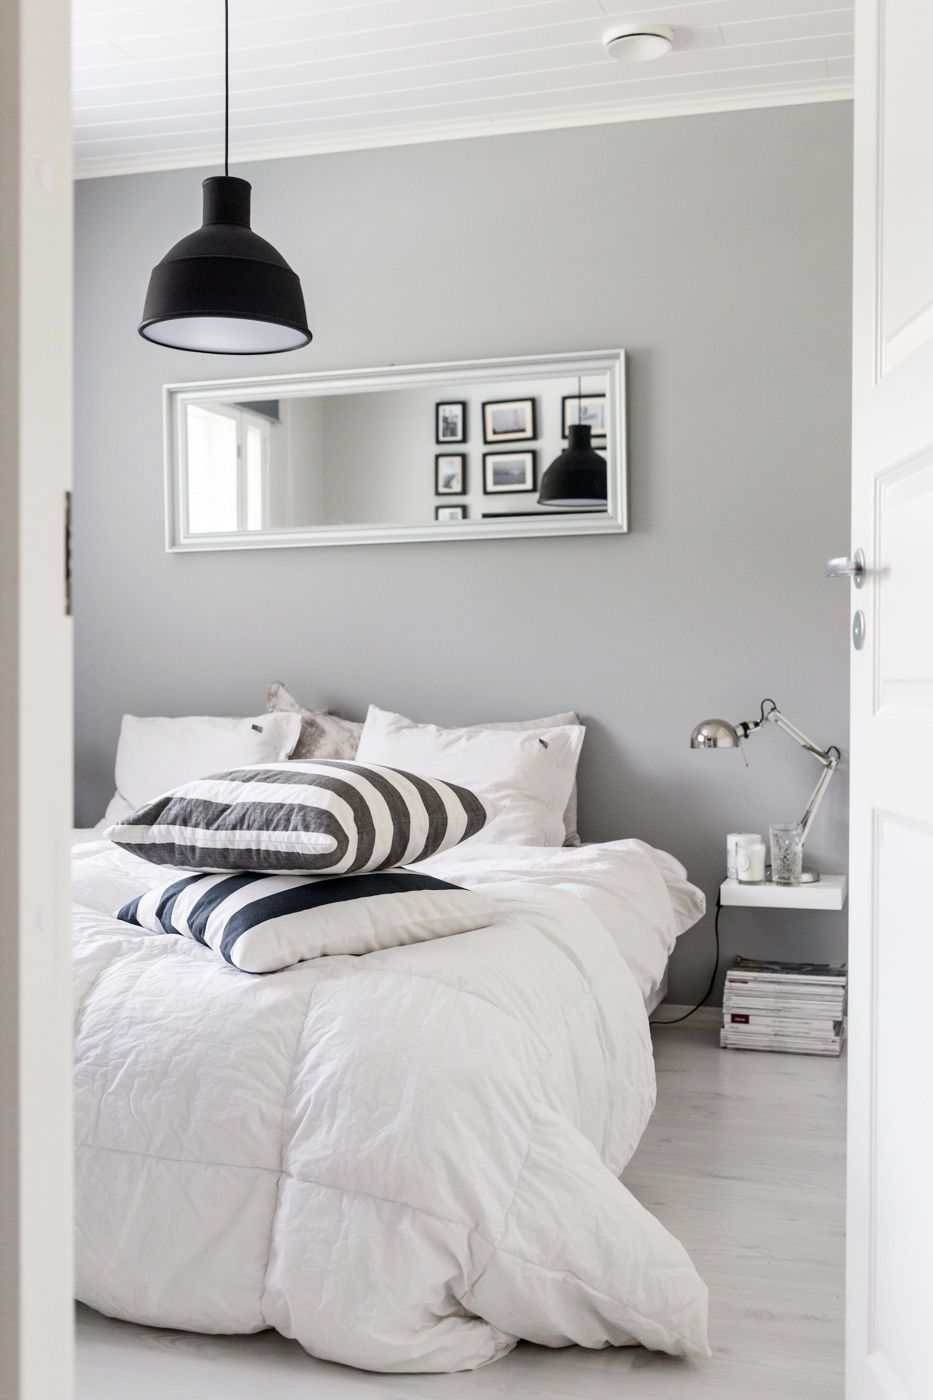 Bedroom / Muuto Lamp / Black, White And Grey / Noorau0026Noora Nooraandnoora.com